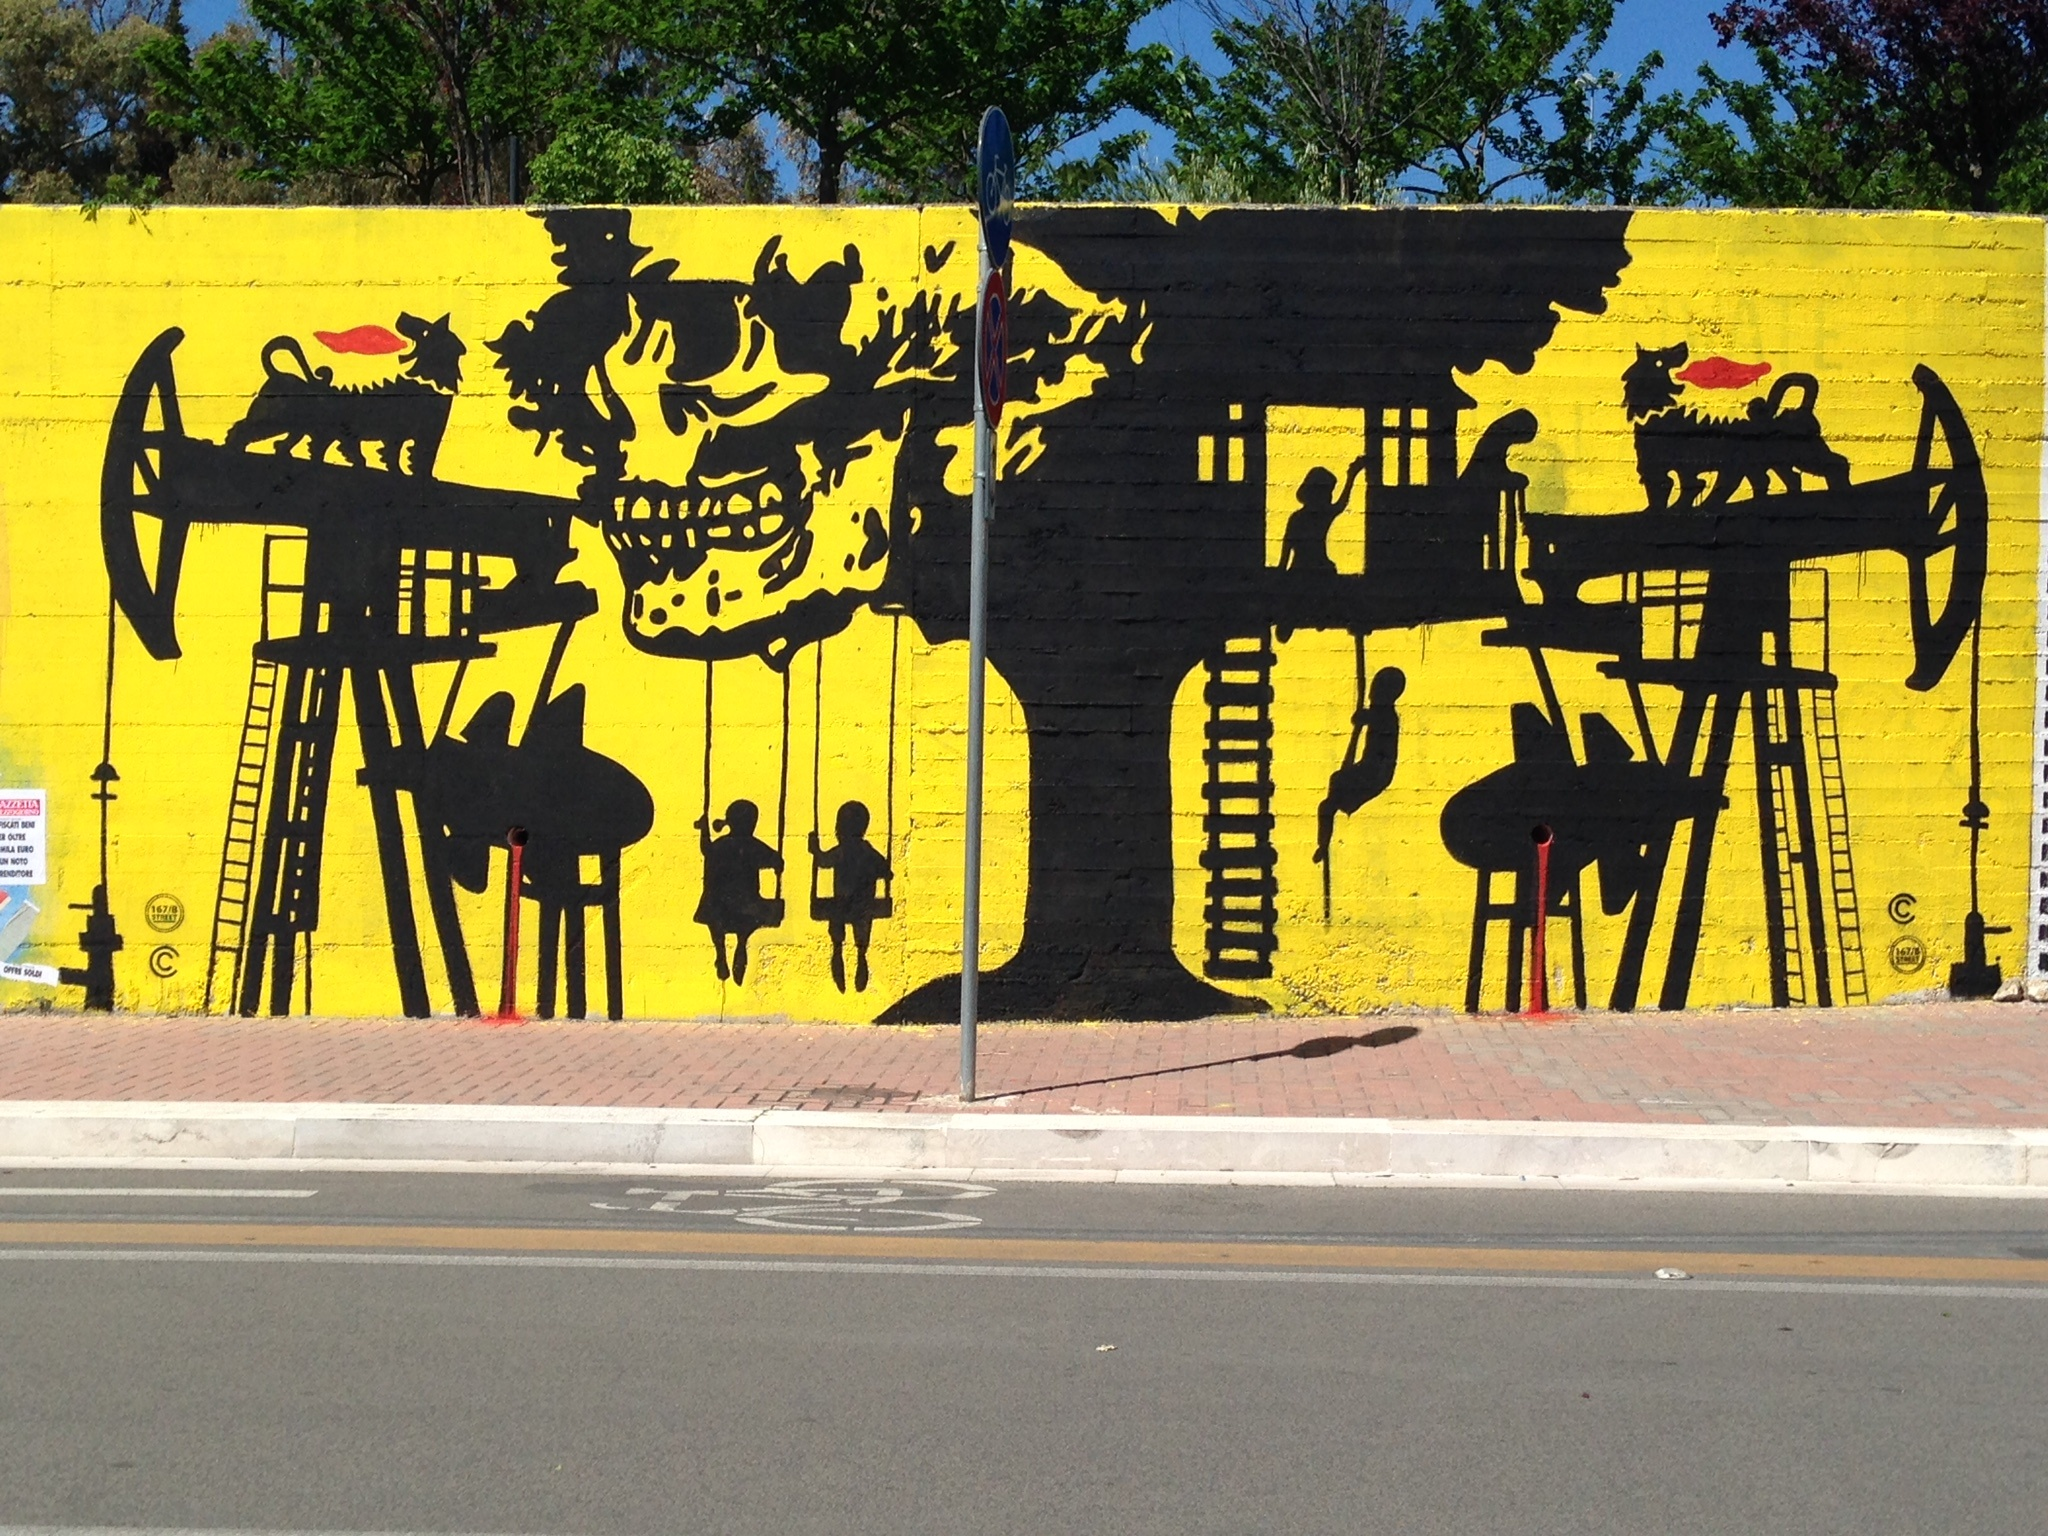 Opera di Chekos, progetto di Momart Gallery e Aracnea, via Saragat, Matera.